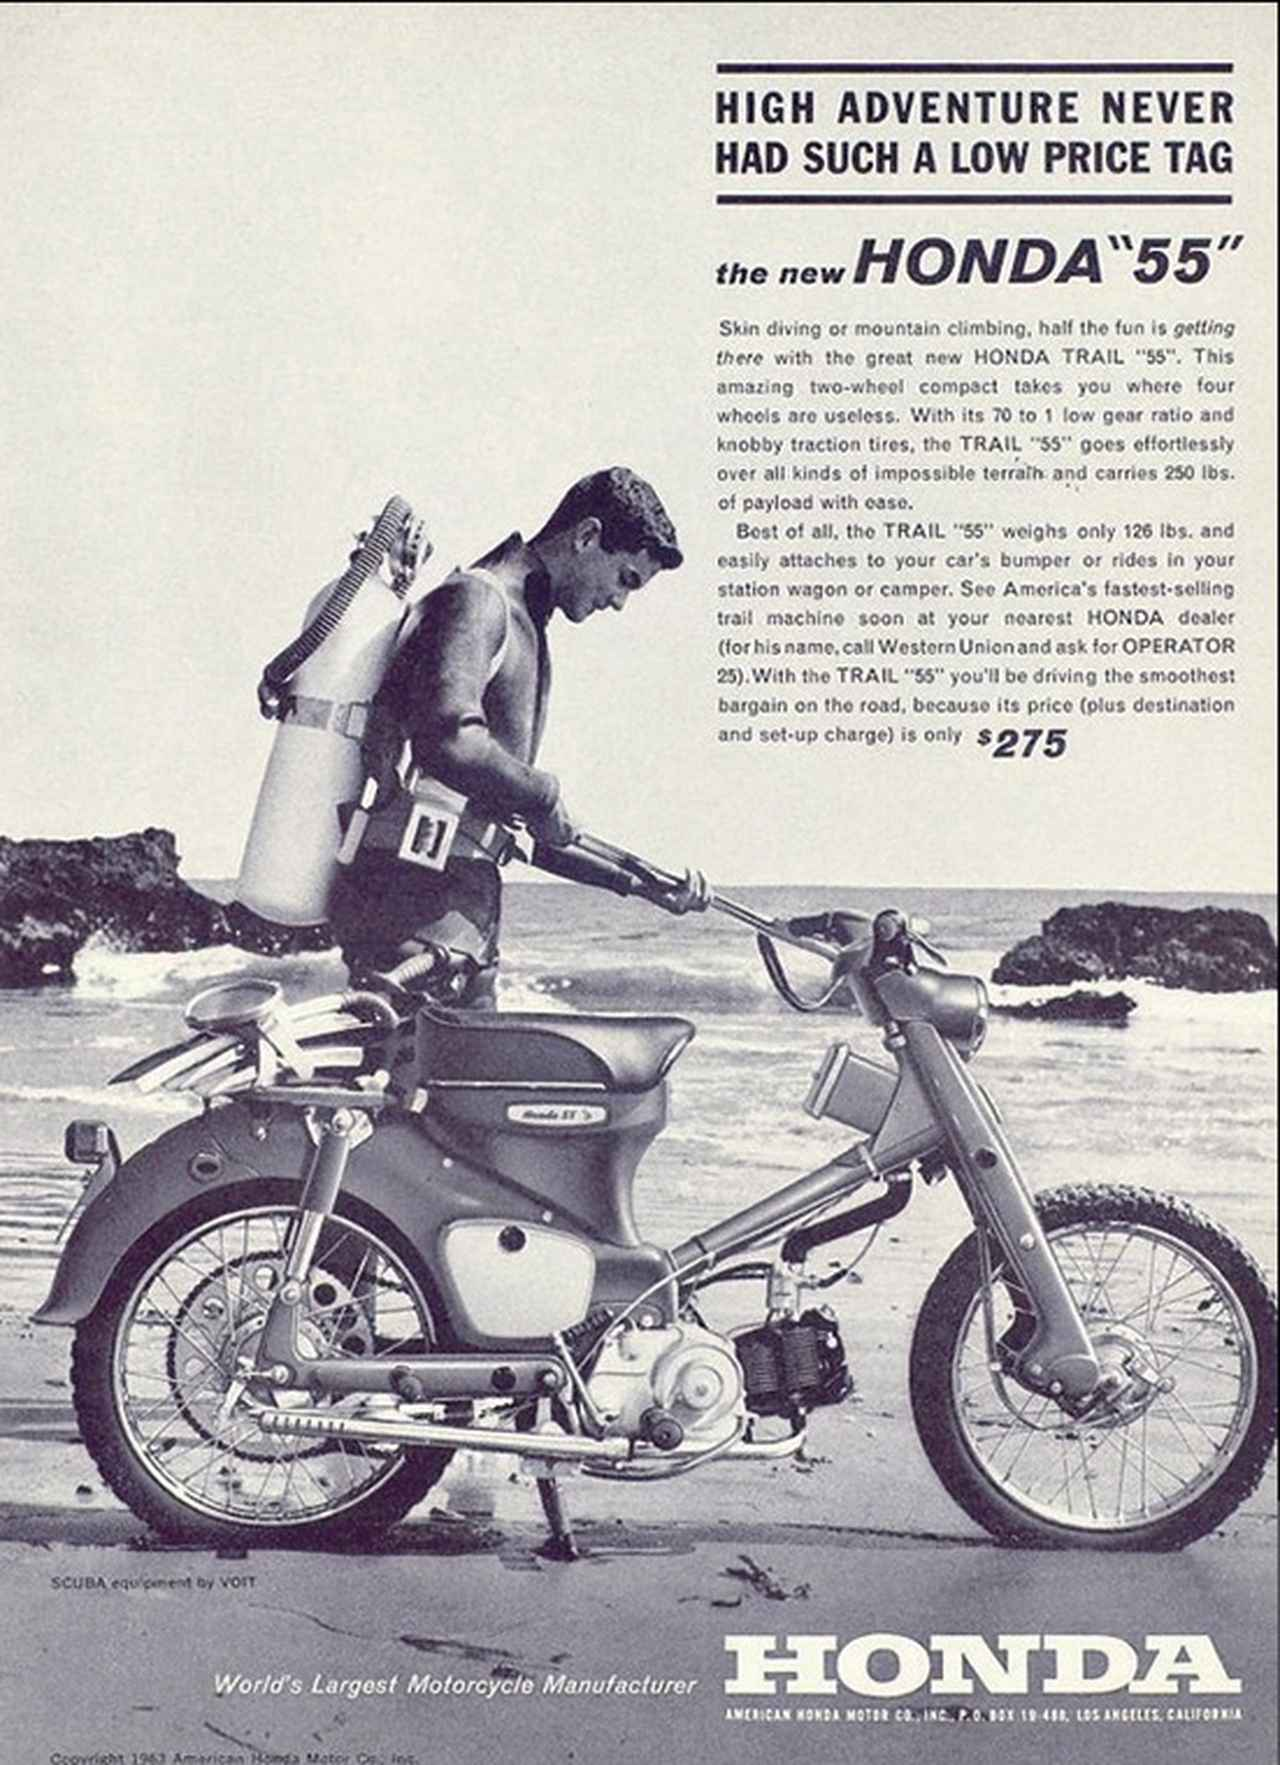 ホンダ「CT125・ハンターカブ」ヒストリーガイド【名車の歴史】1960年代にモデルチェンジを重ねたそのルーツとは?